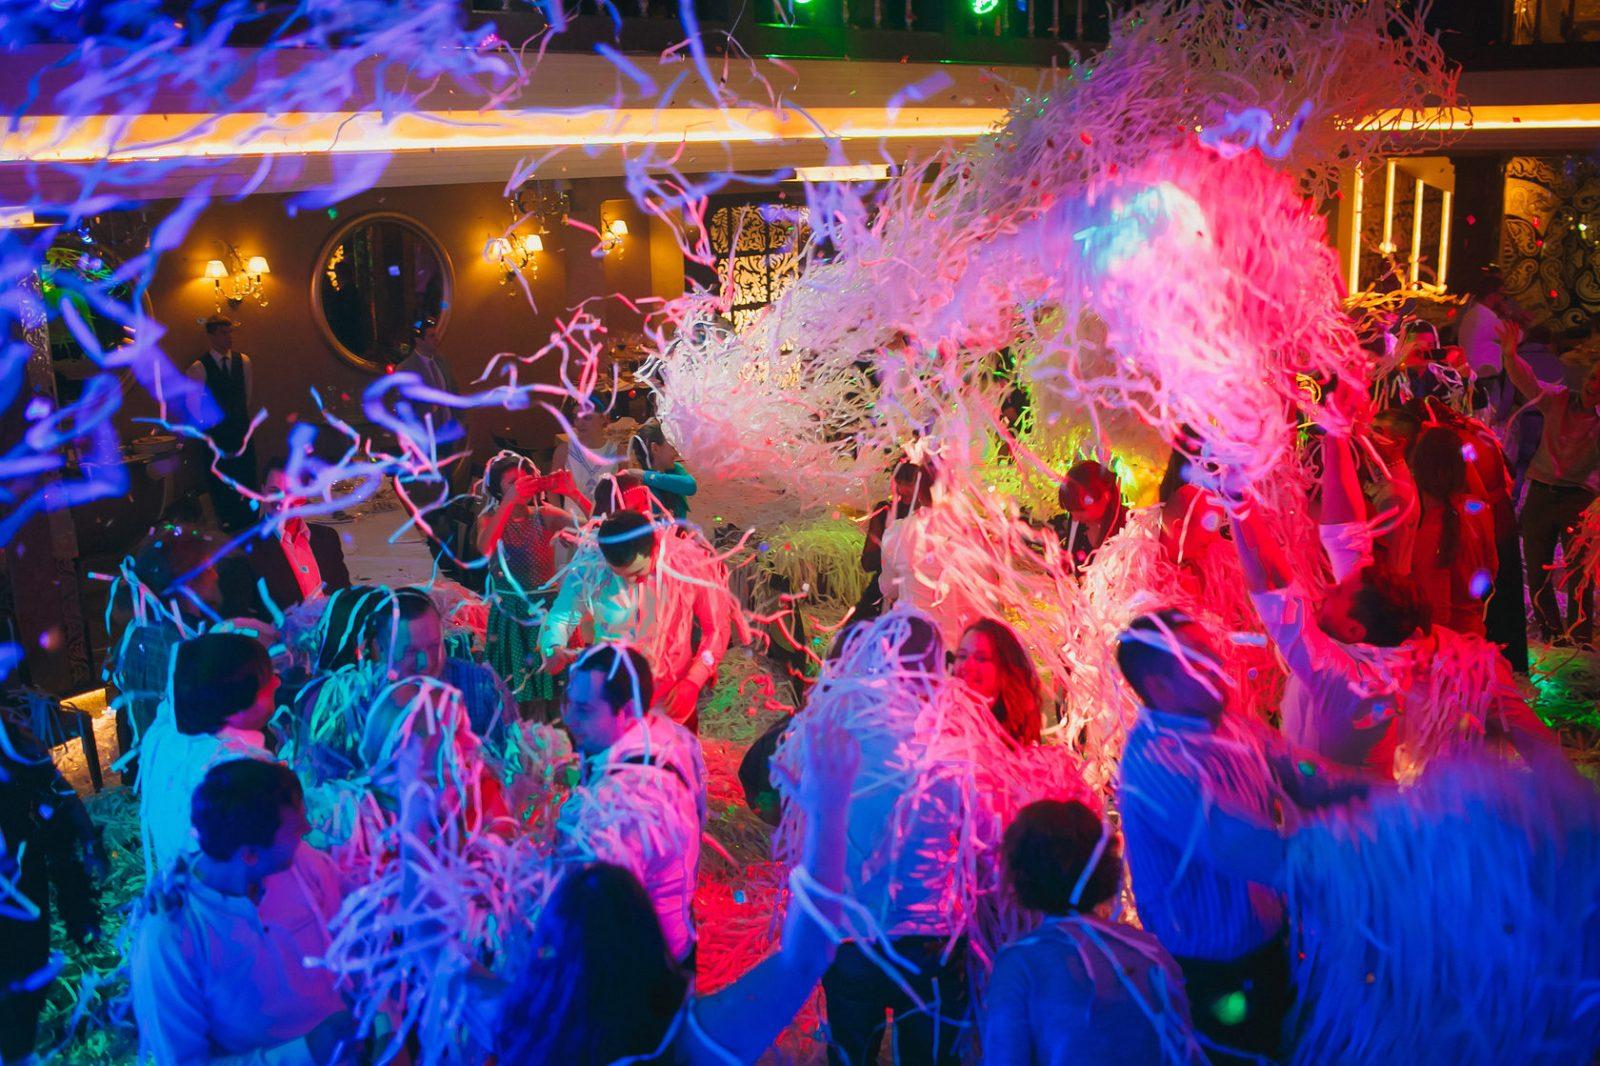 программа артист заказывать световой свадьба новогодний год мероприятие танцевальный бармен проведение корпоративный праздник яркий хороший шутки от ведущего артисты сигарное фокусник на праздник программа кого пригласить развлечения